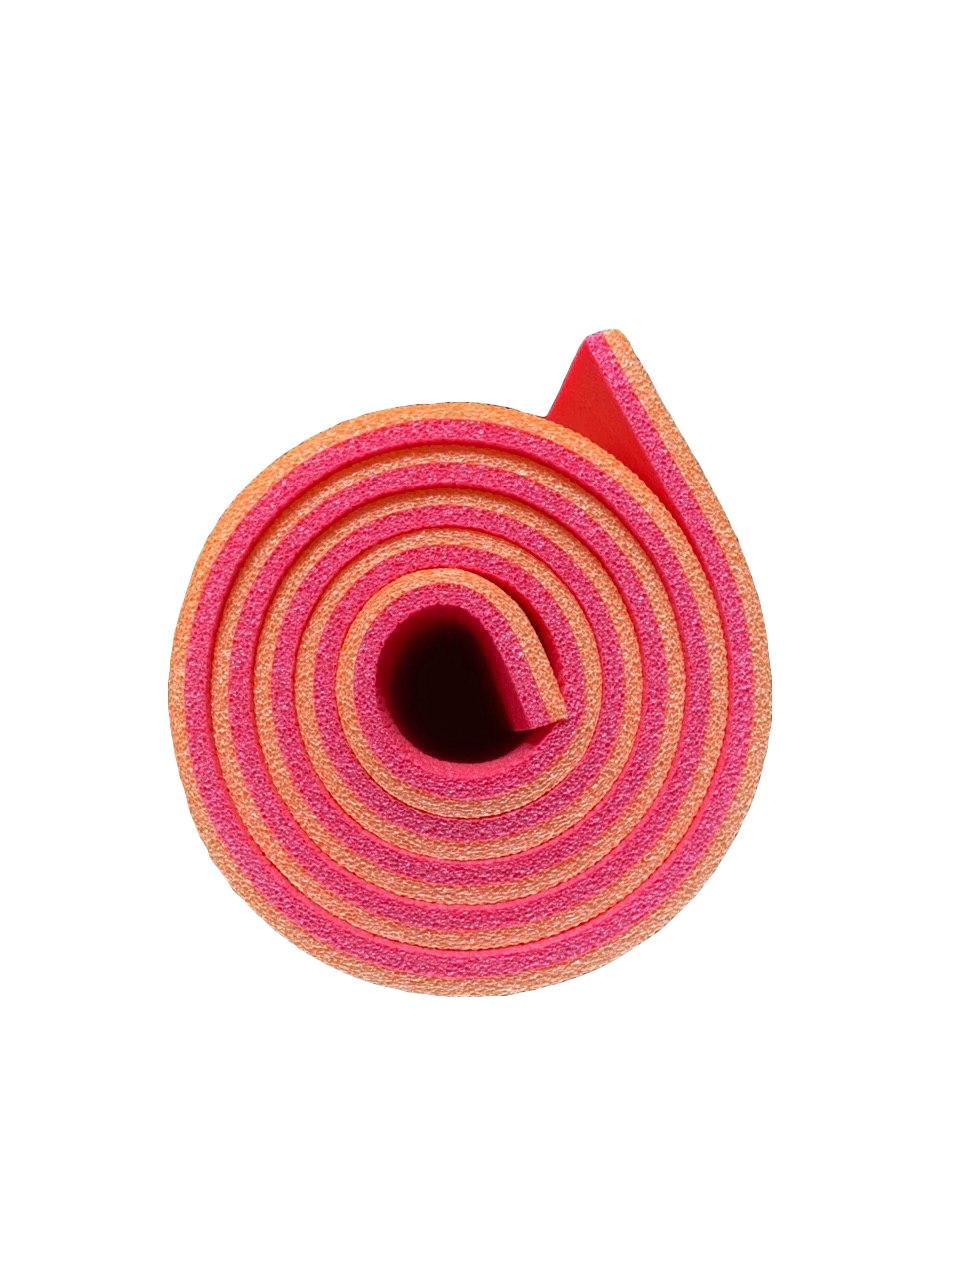 Каремат оранжево-червоний, двошаровий, двокольоровий т. 10мм, розмір 60х180 см, Виробник Україна, TERMOIZOL®